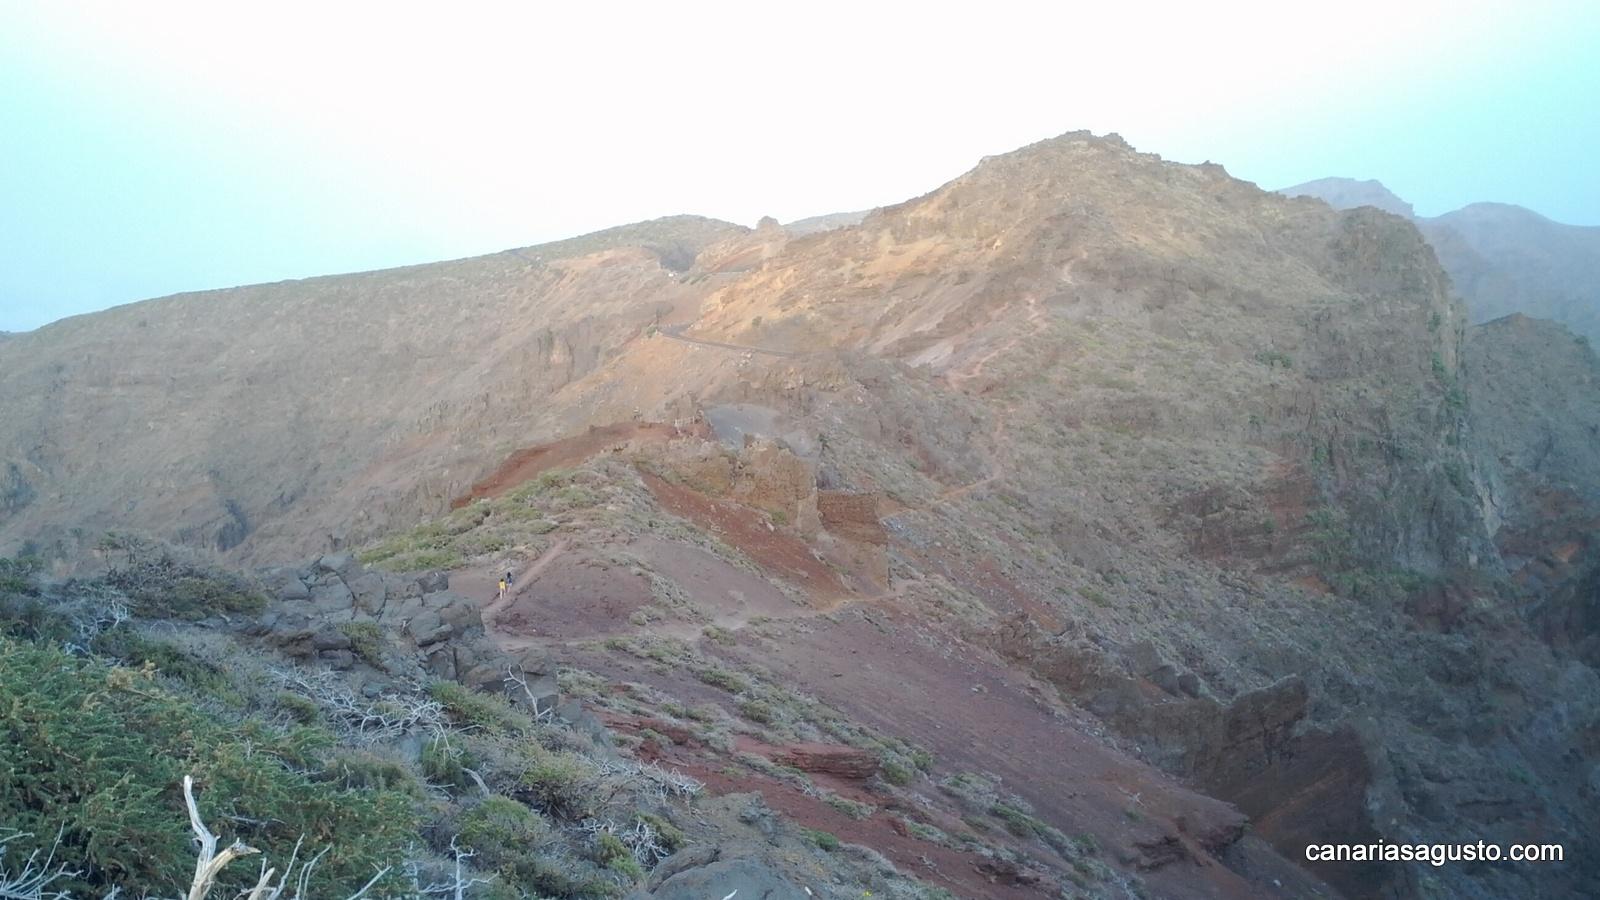 Caldera de Taburiente - La Palma